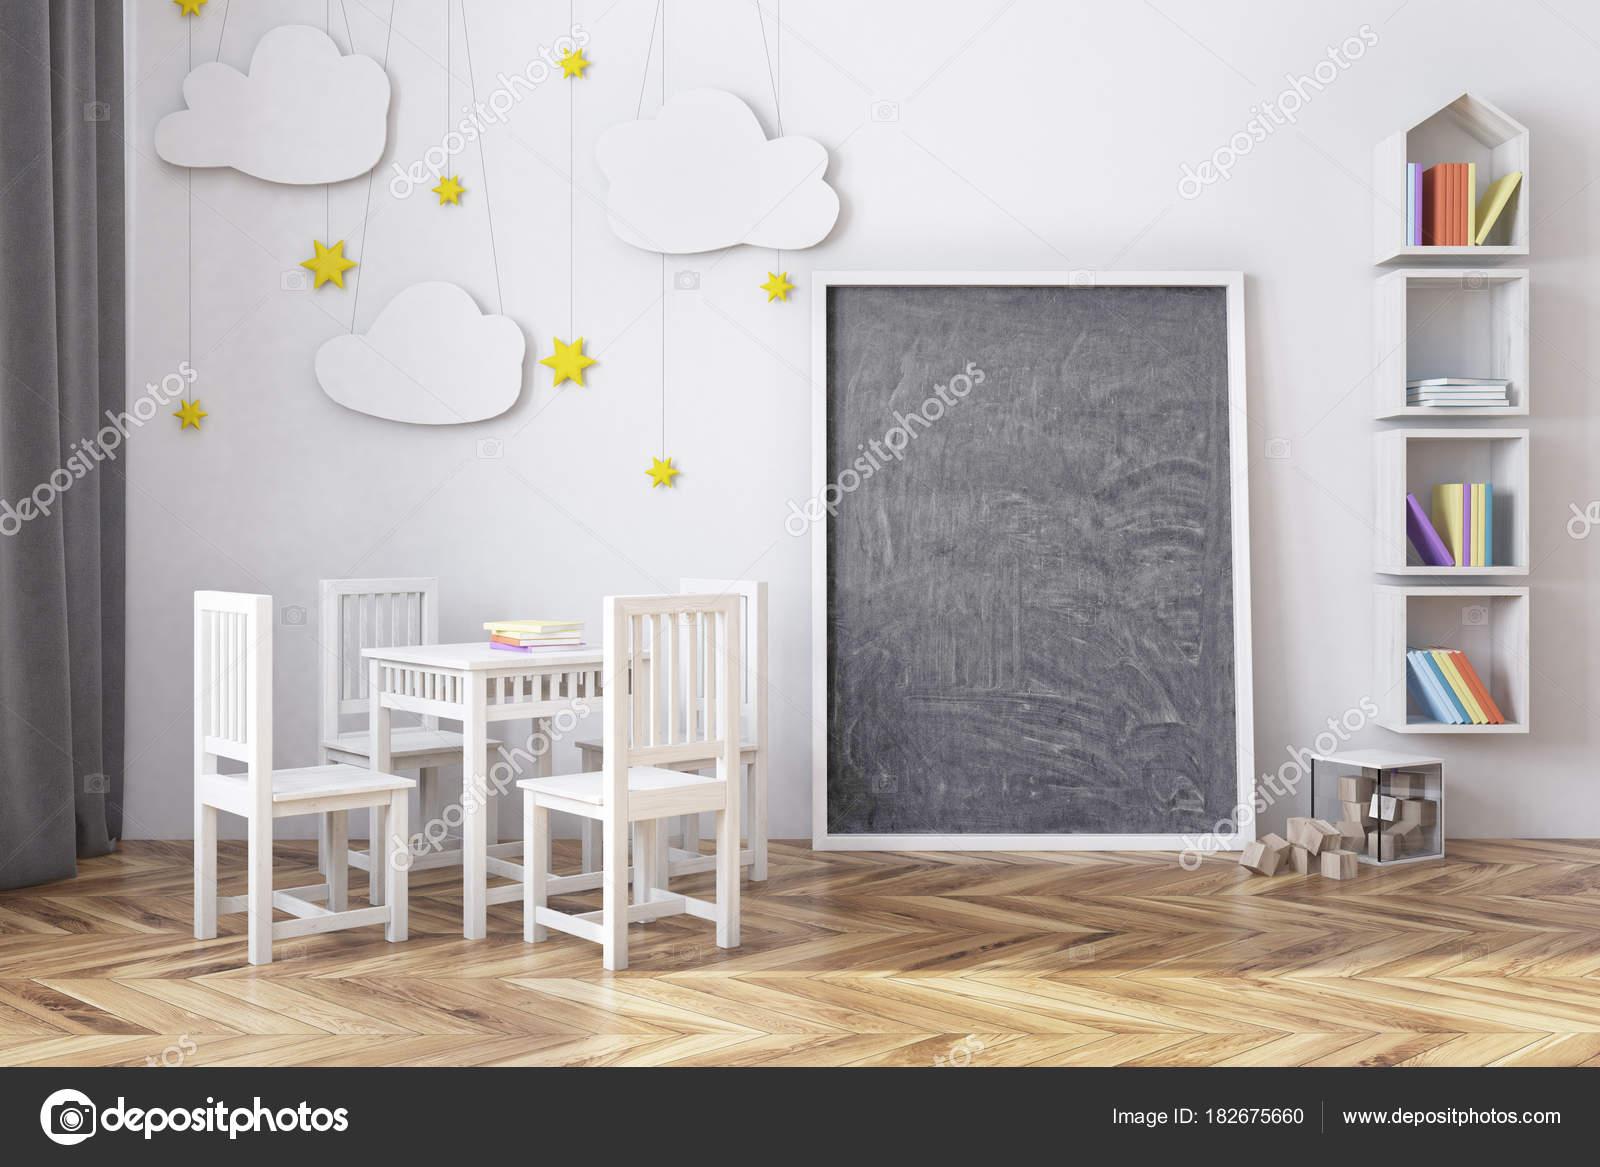 Kinderzimmer mit einer Tafel und Bücherregal — Stockfoto ...